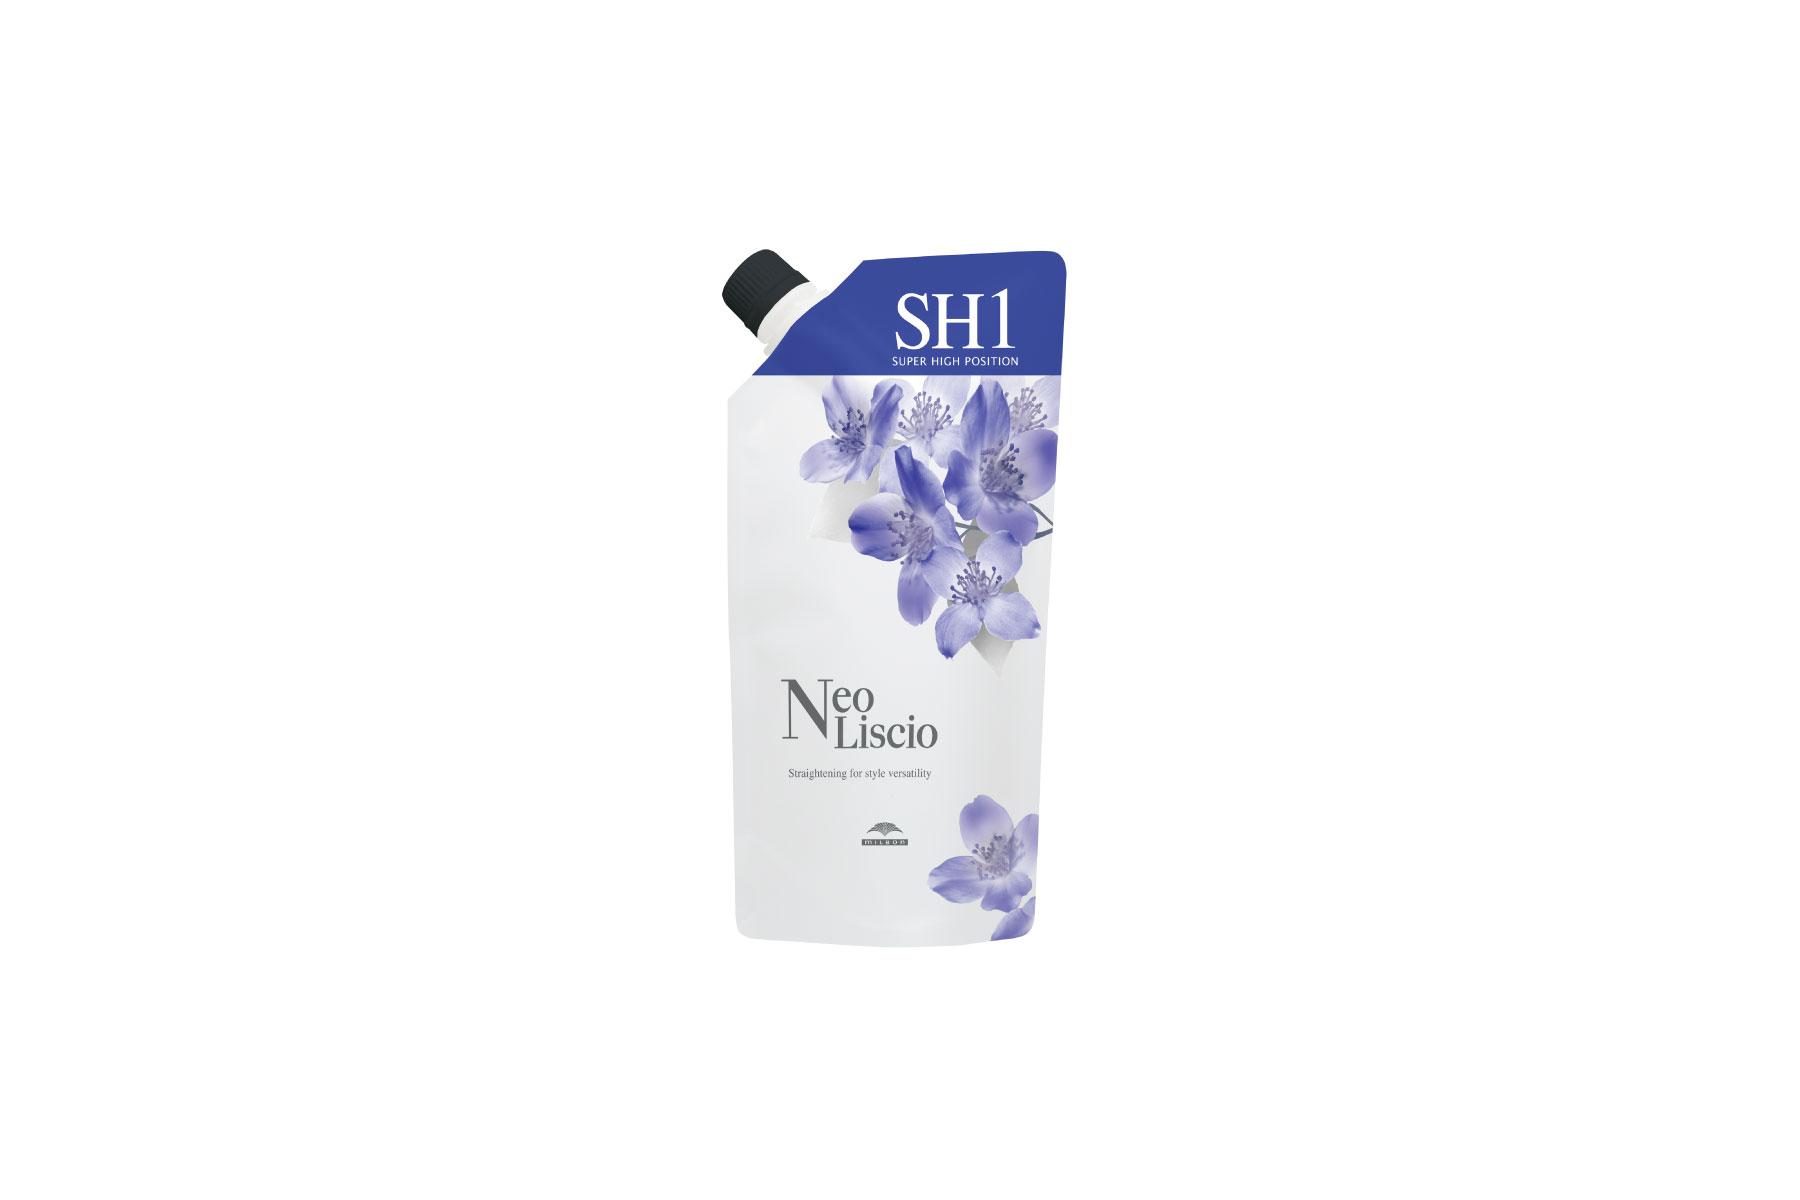 ミルボン ネオリシオ SH1 (milbon neoliscio) image